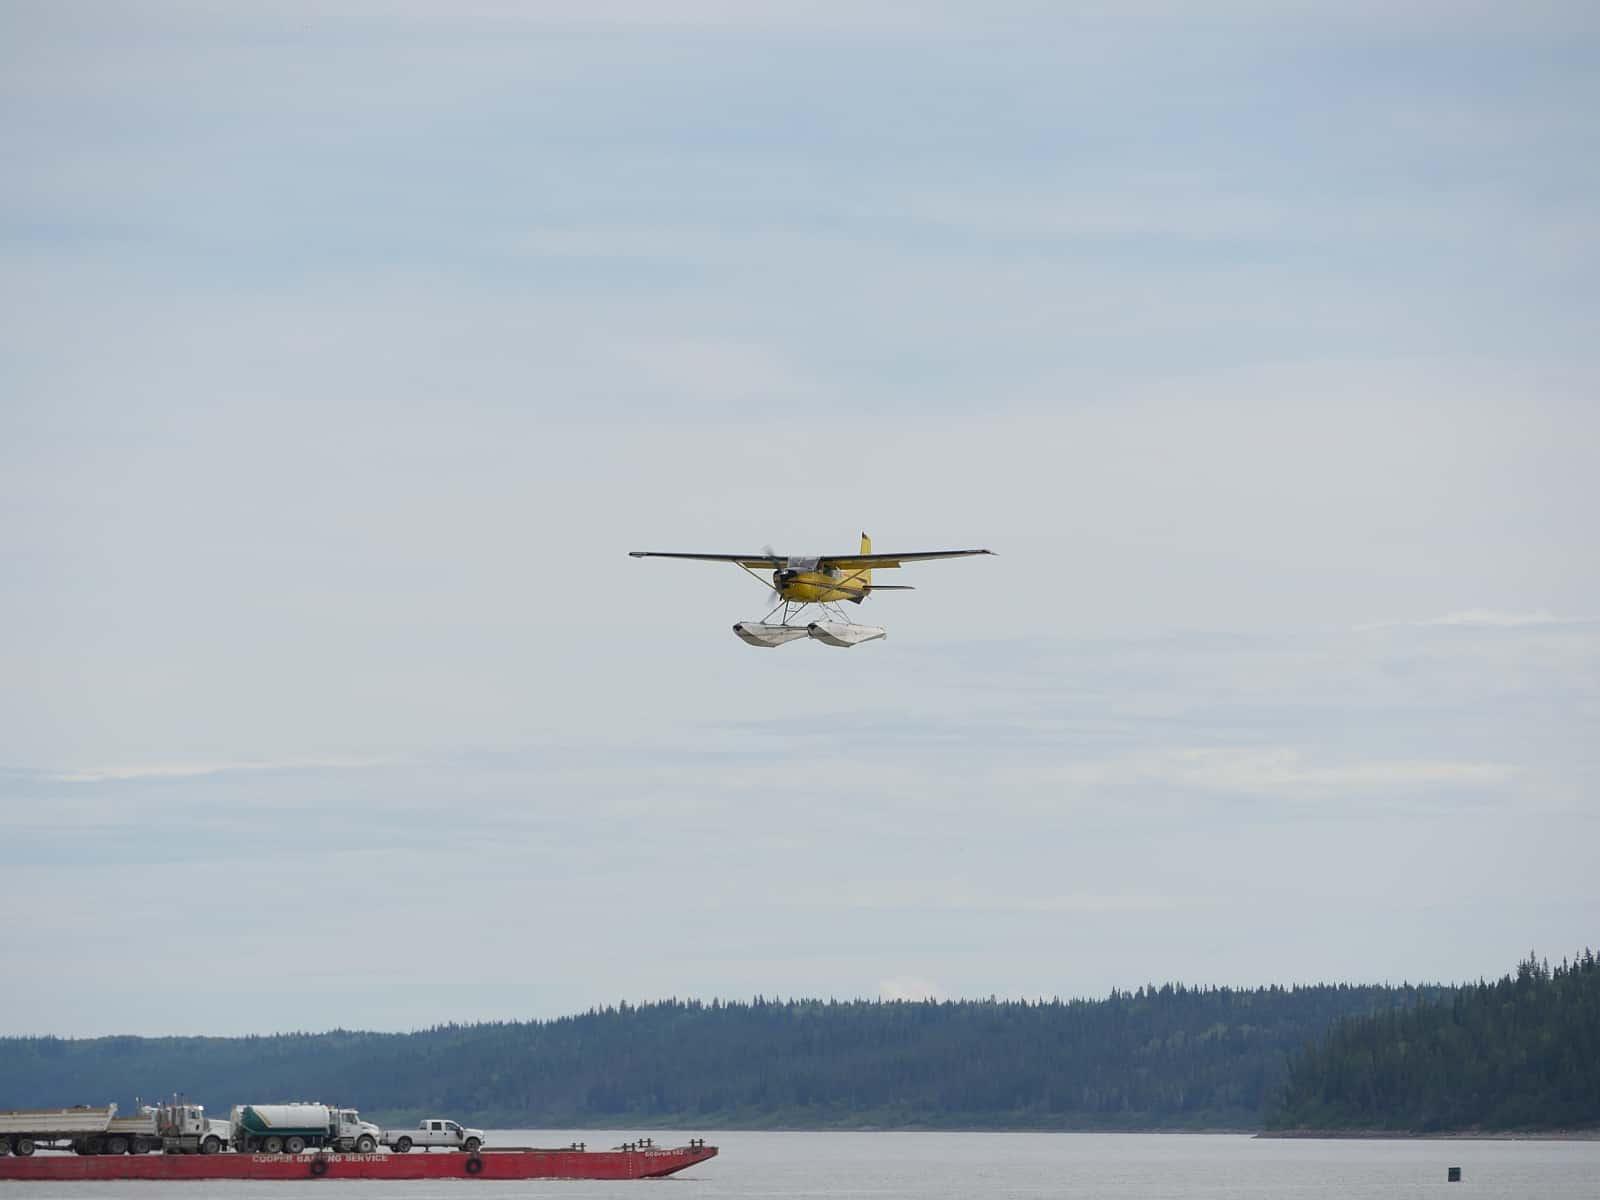 Der Mackenzie River ist Transportweg, Landeplatz für Wasserflugzeuge und ein Paradies für Kanu- und Kajaksportler. Foto Alfred Pradel